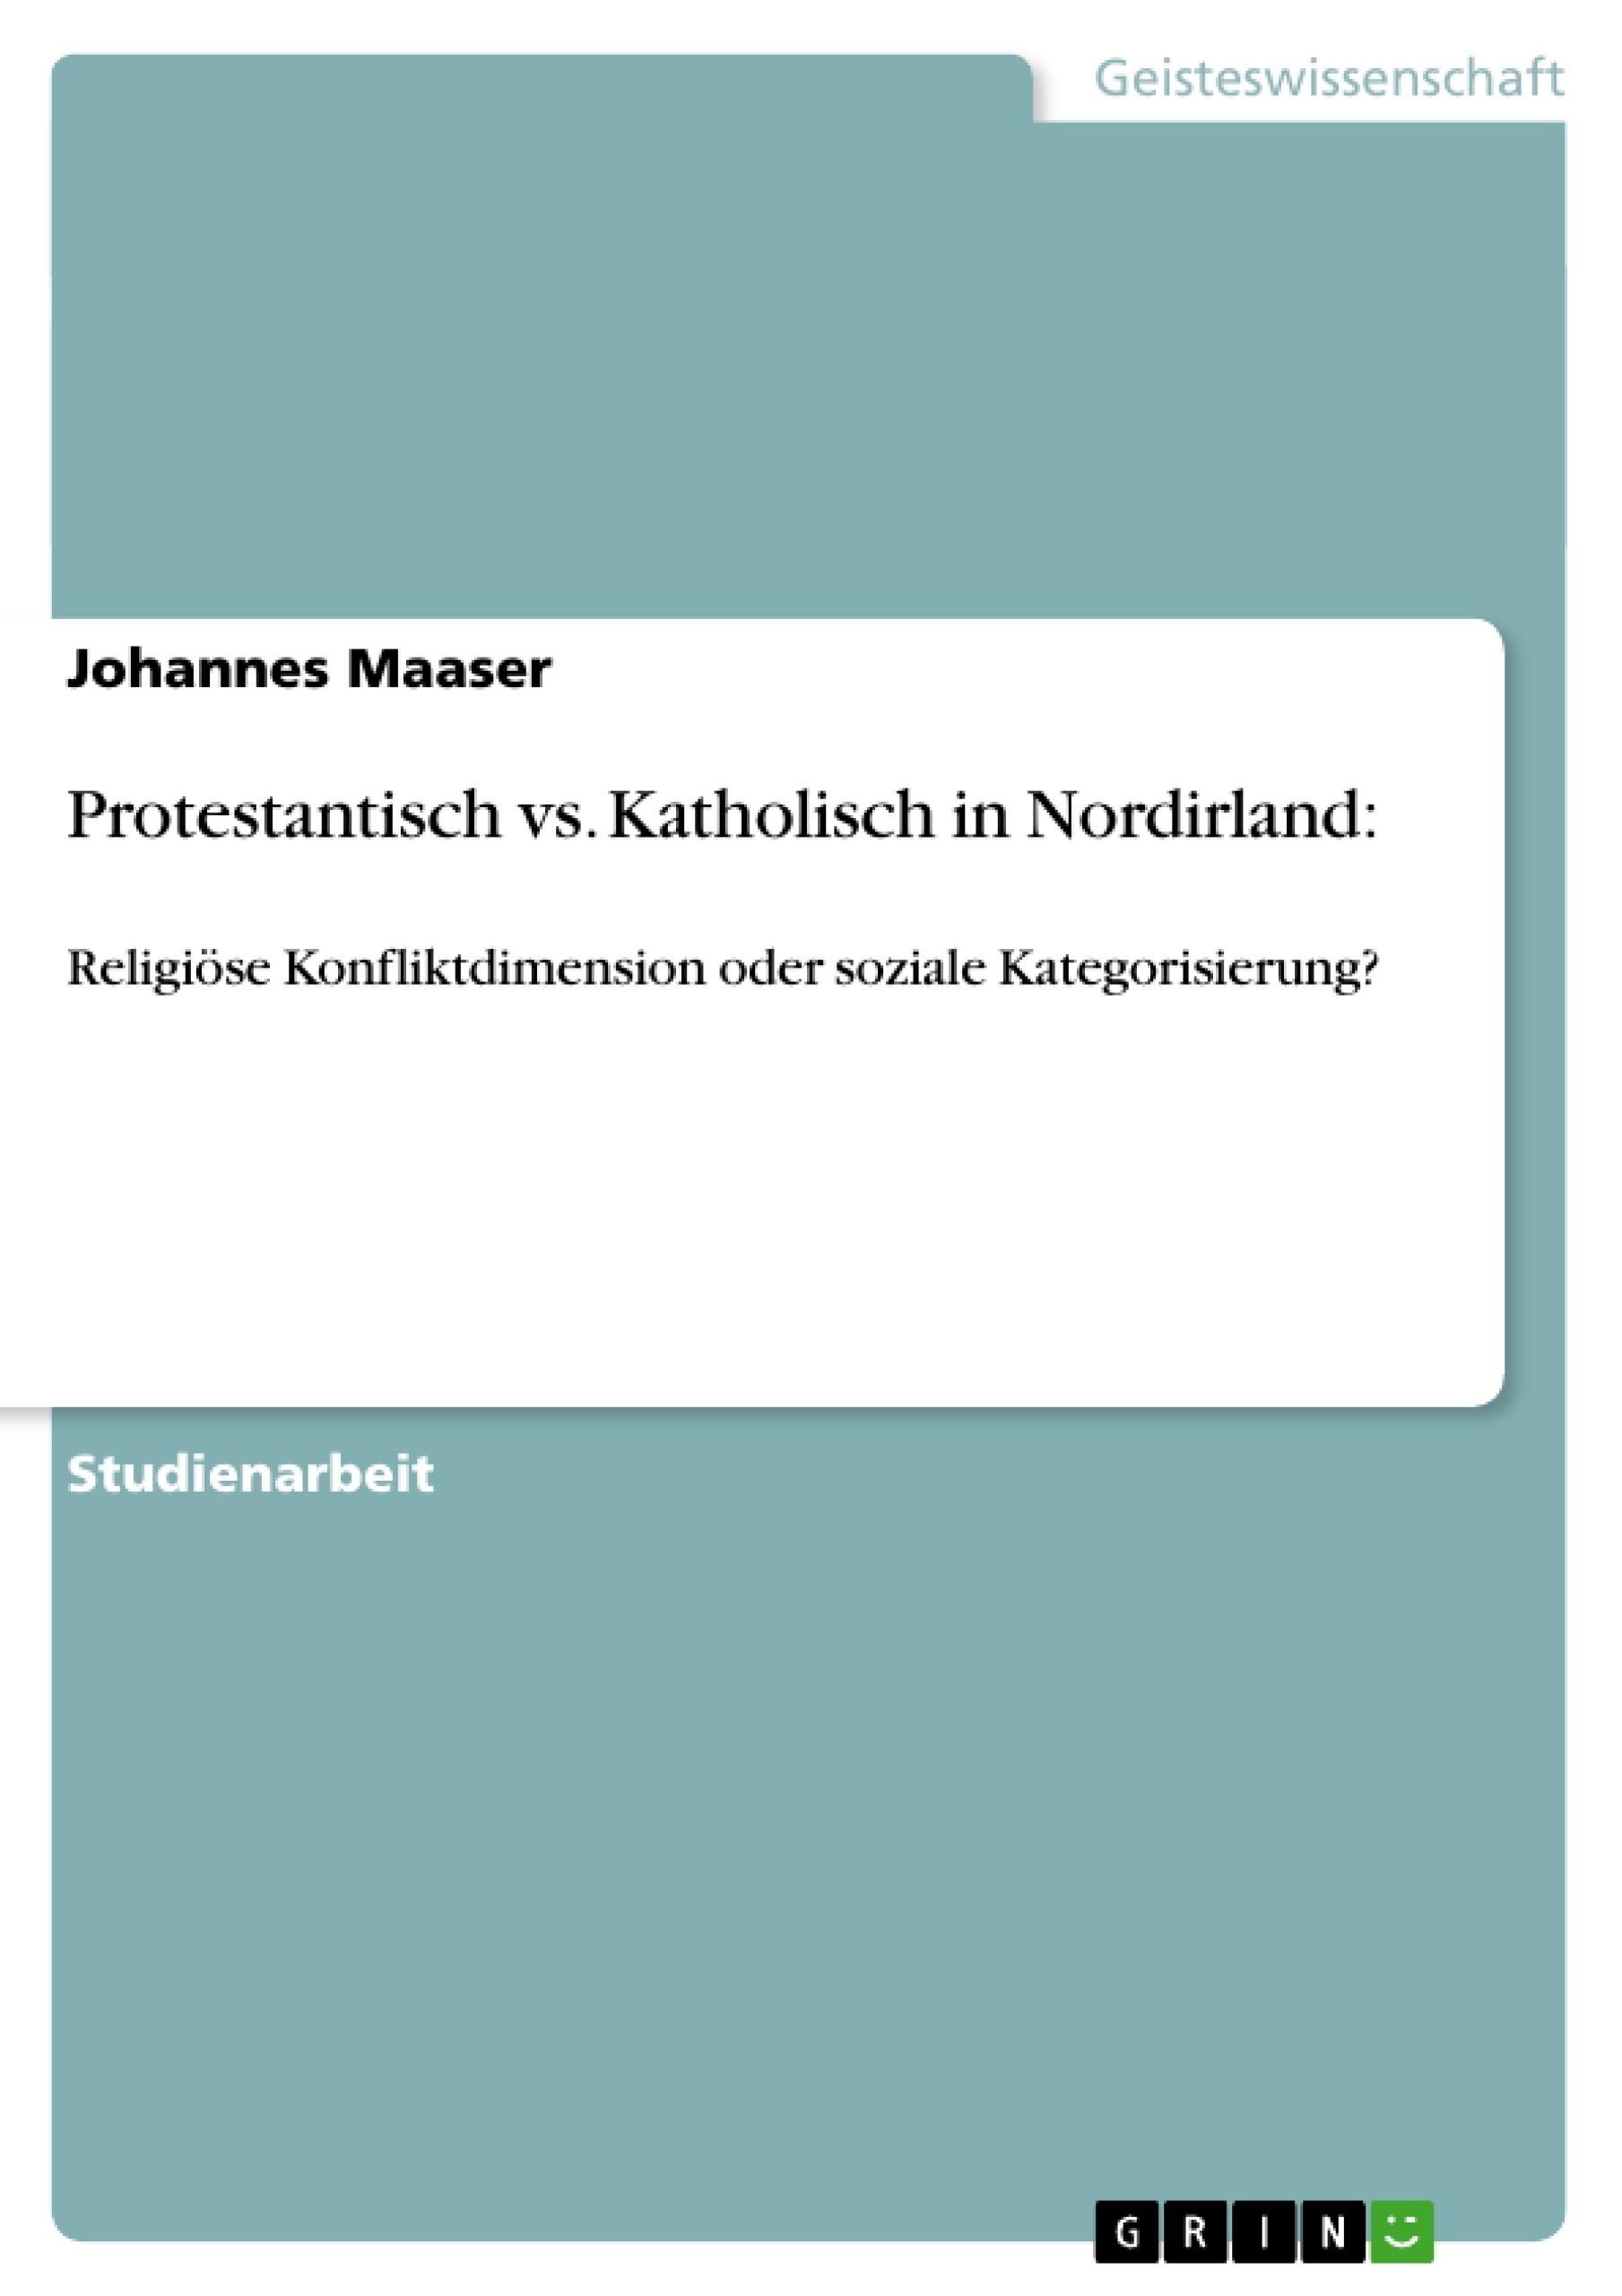 Titel: Protestantisch vs. Katholisch in Nordirland: